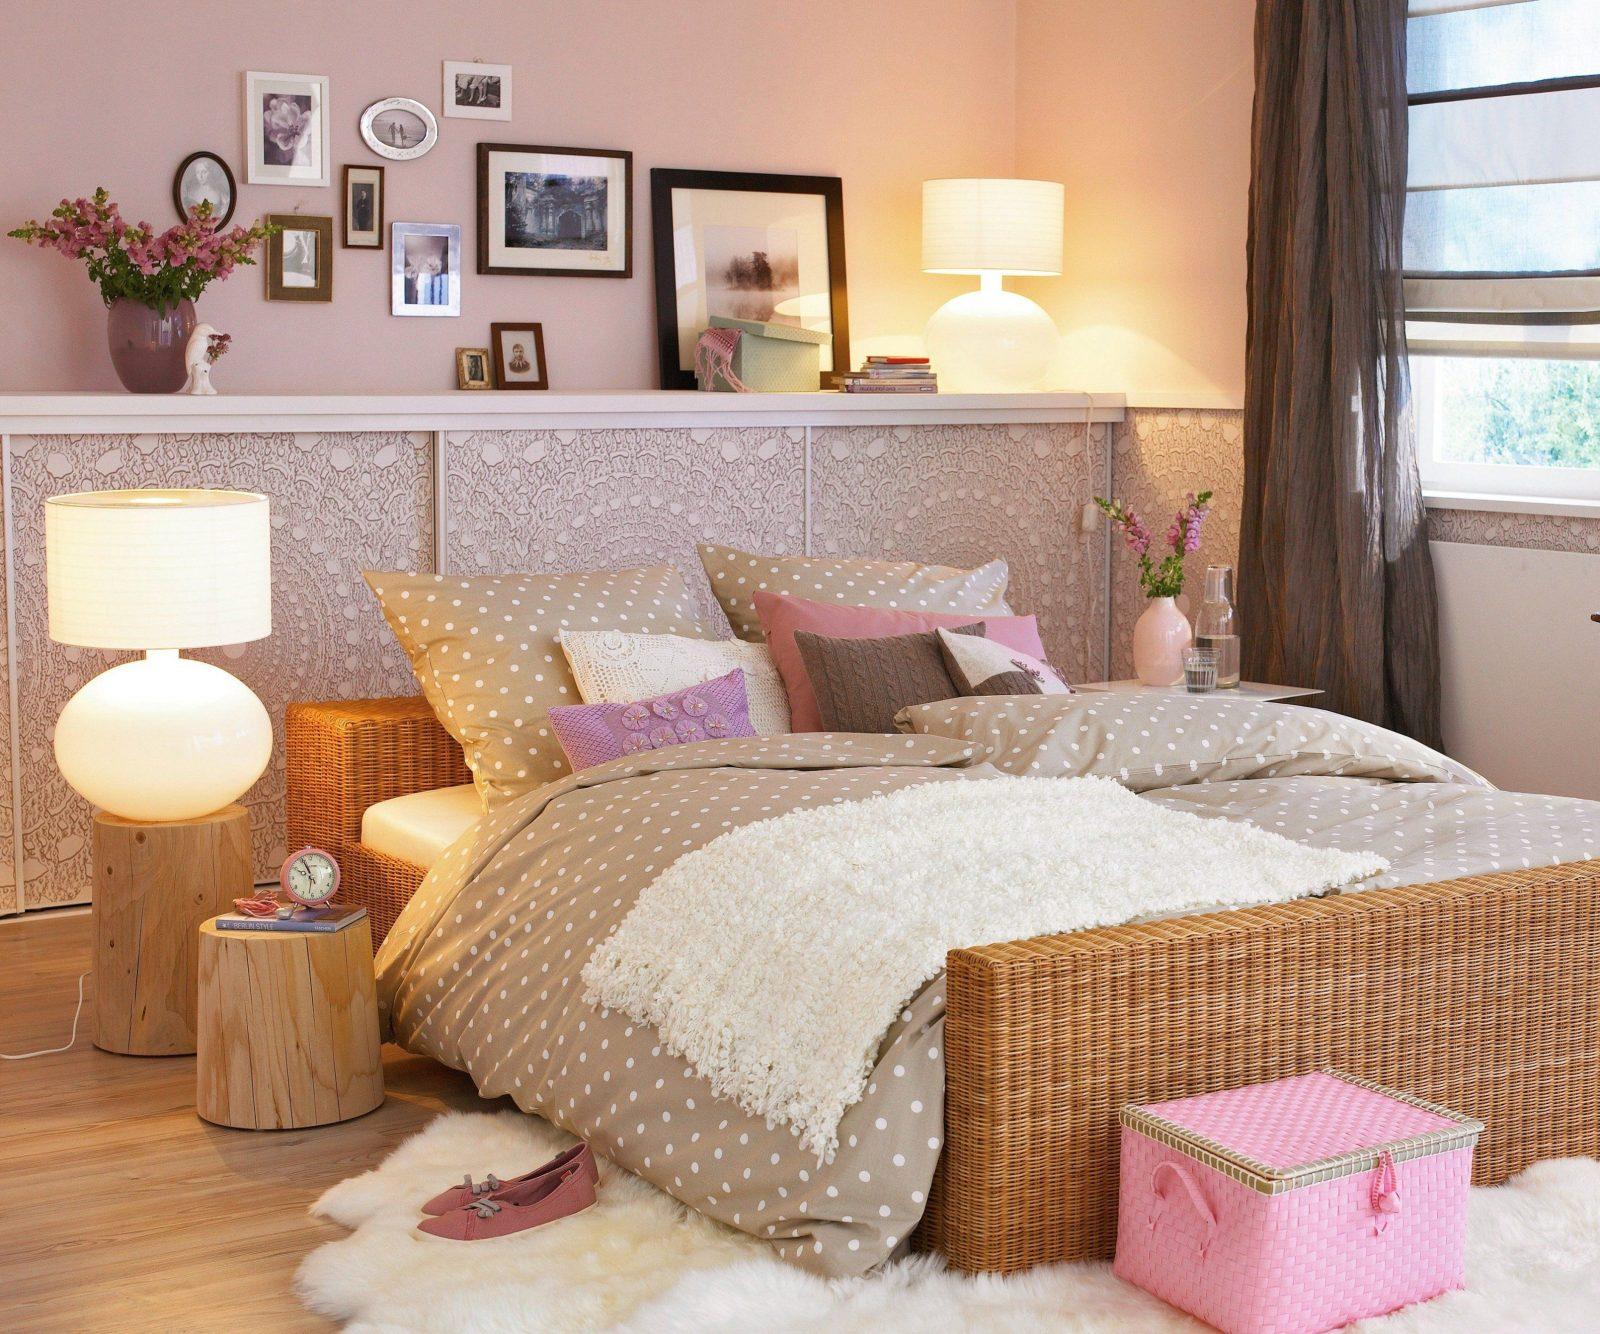 Deko Schlafzimmer Selber Machen Zusammen Mit Oder In Verbindung von Wanddeko Schlafzimmer Selber Machen Photo